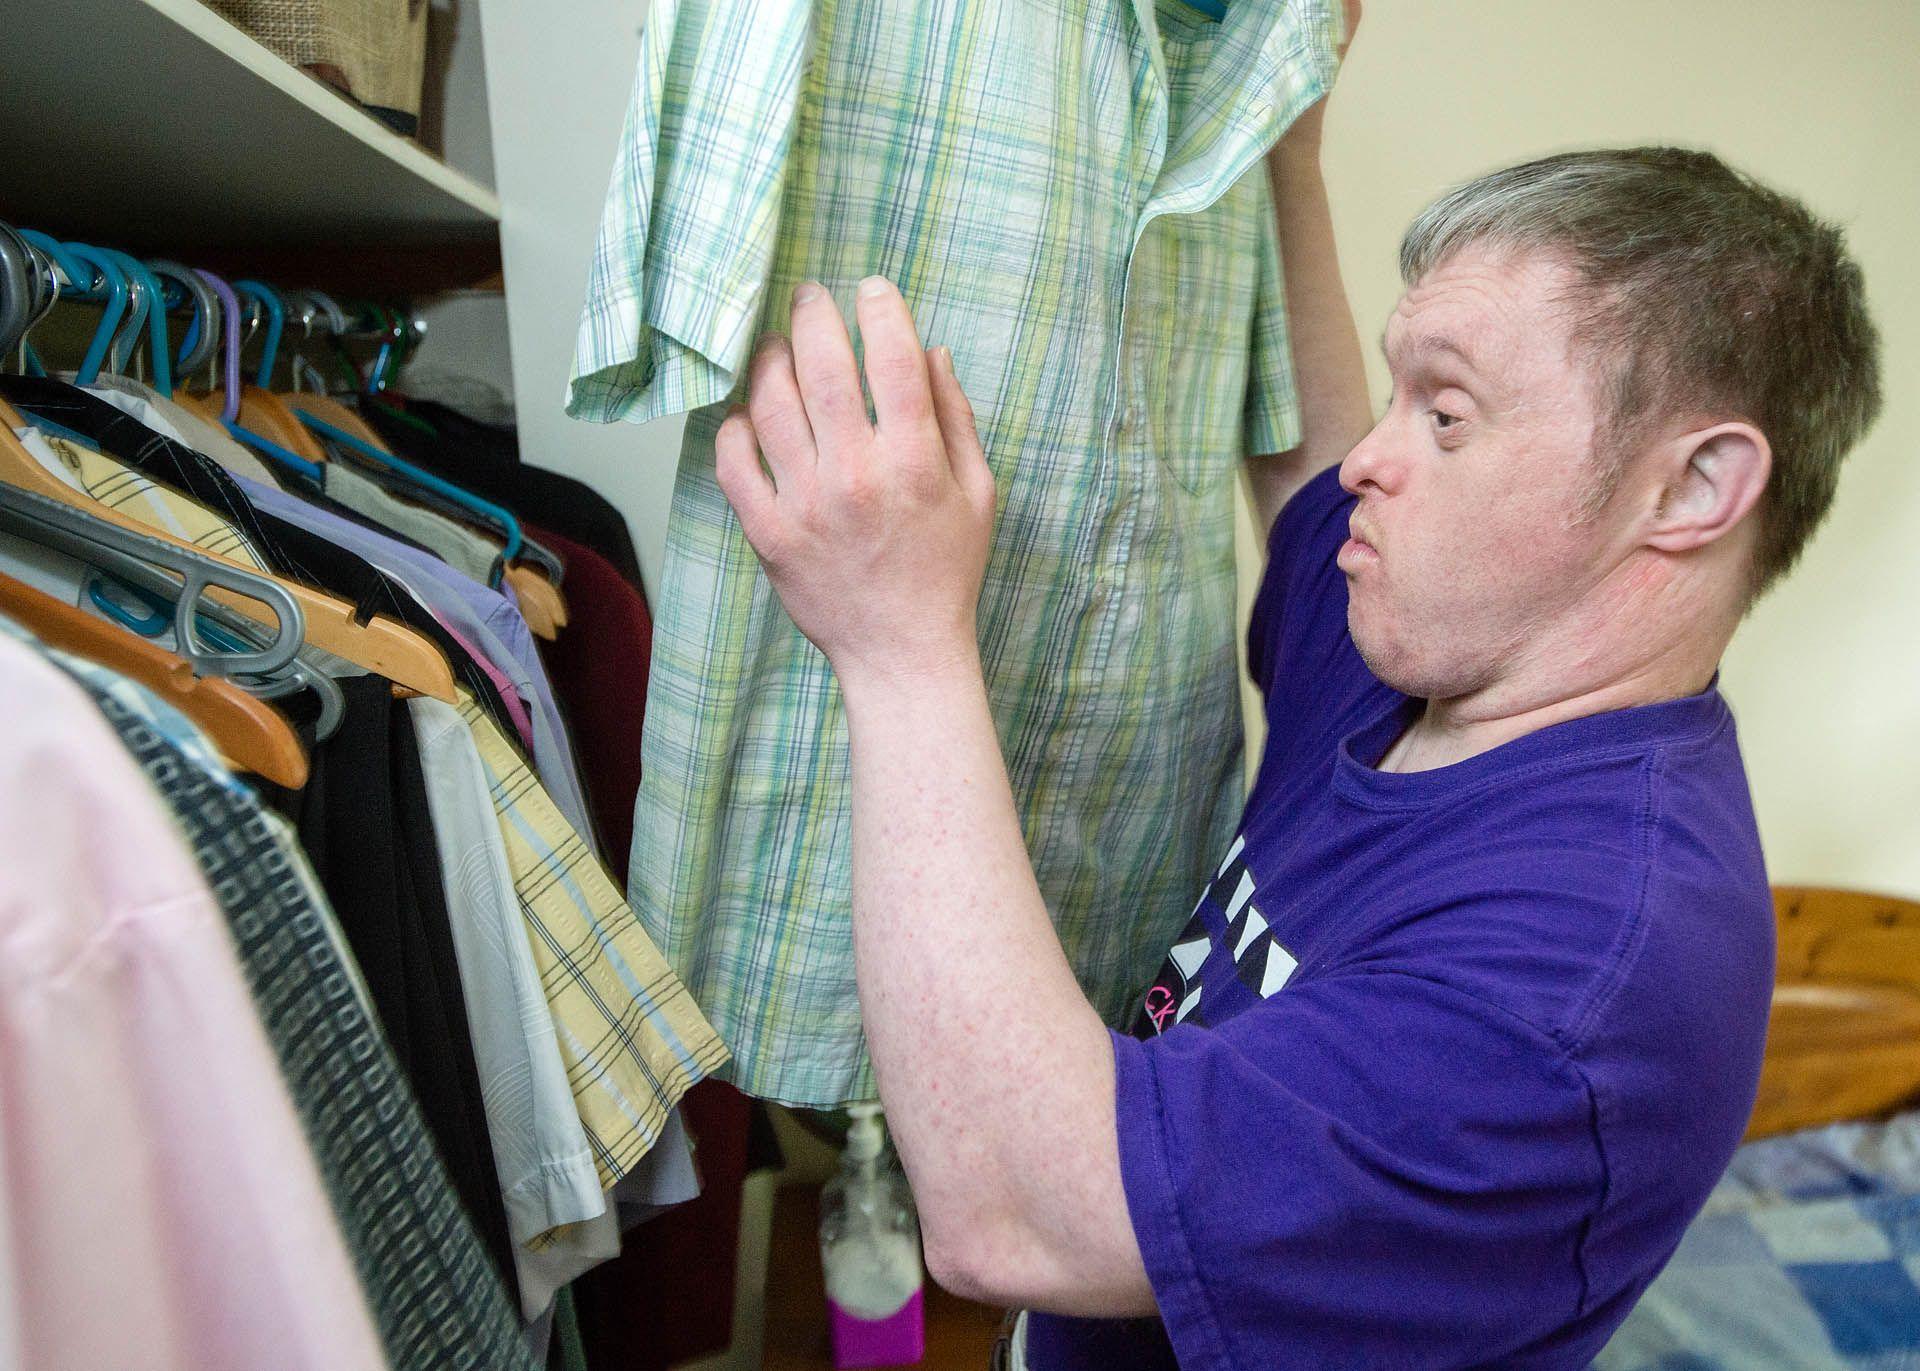 Man looking at his shirts